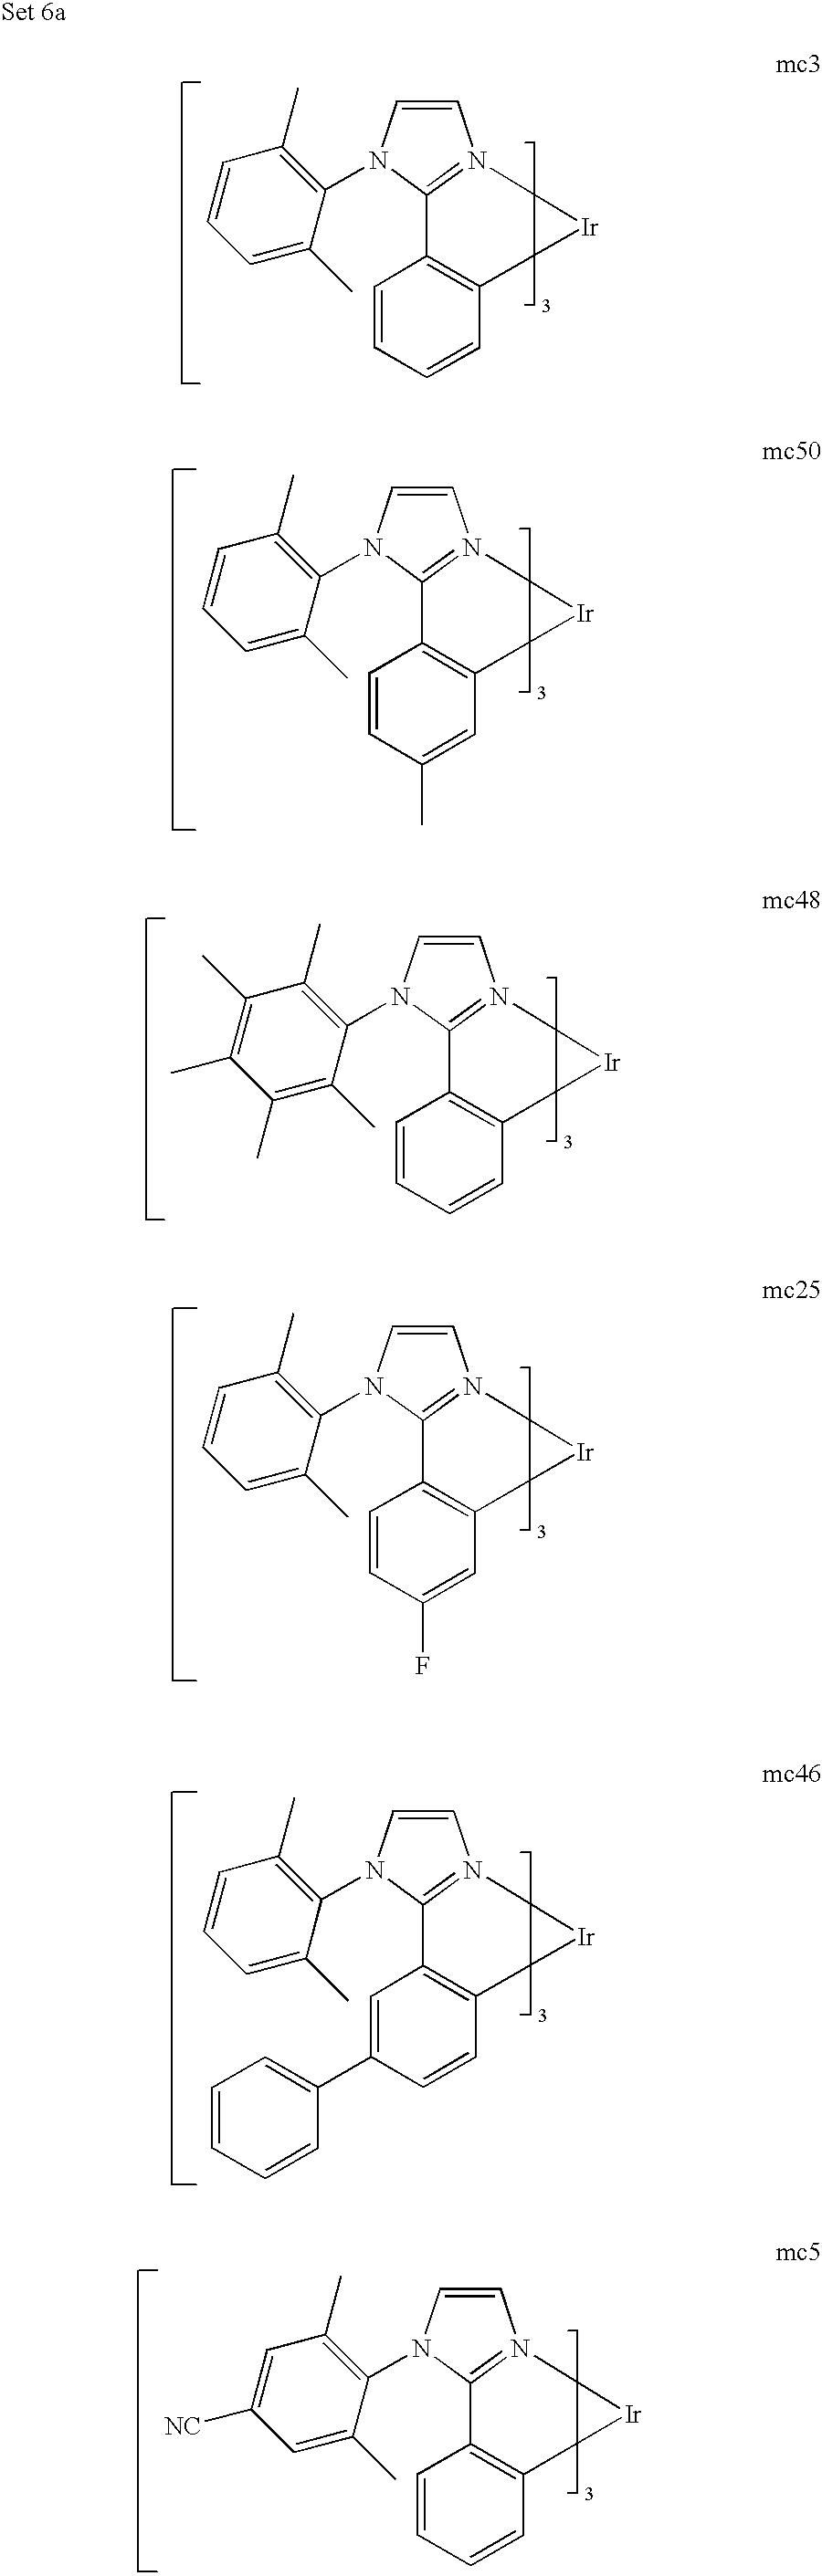 Figure US20060251923A1-20061109-C00013